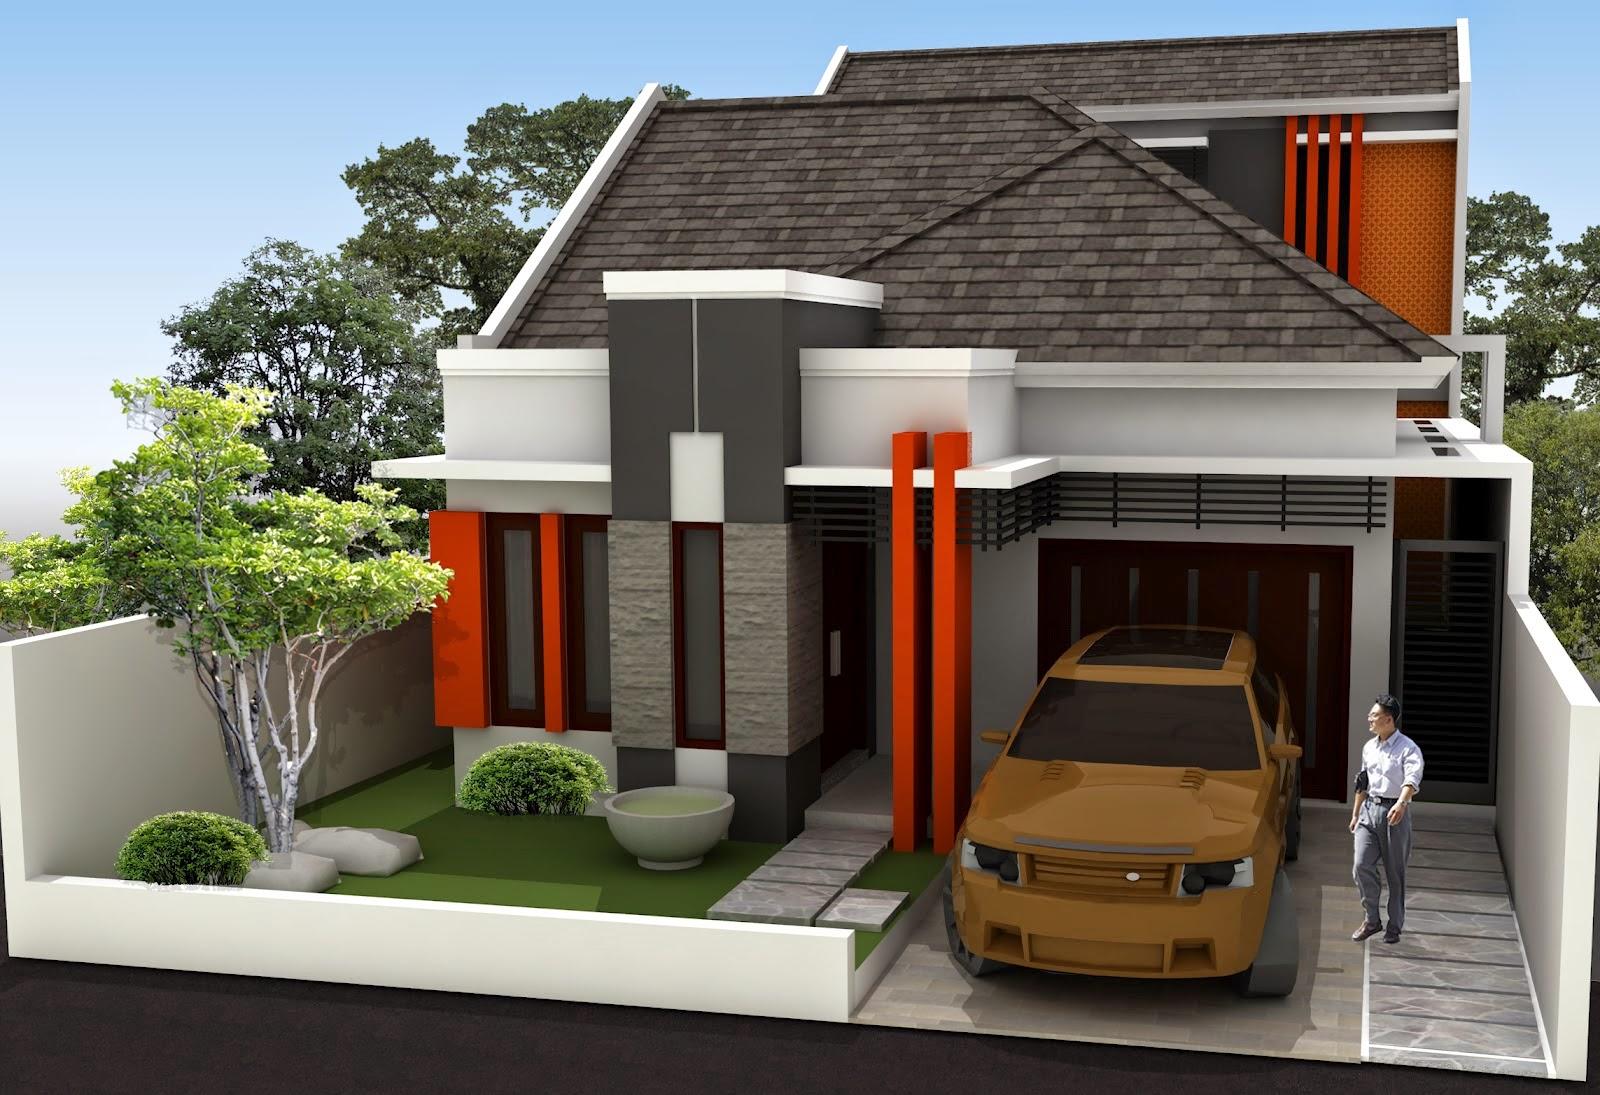 Desain Gambar Dan Contoh Rumah Minimalis Type 54 Ide Desain